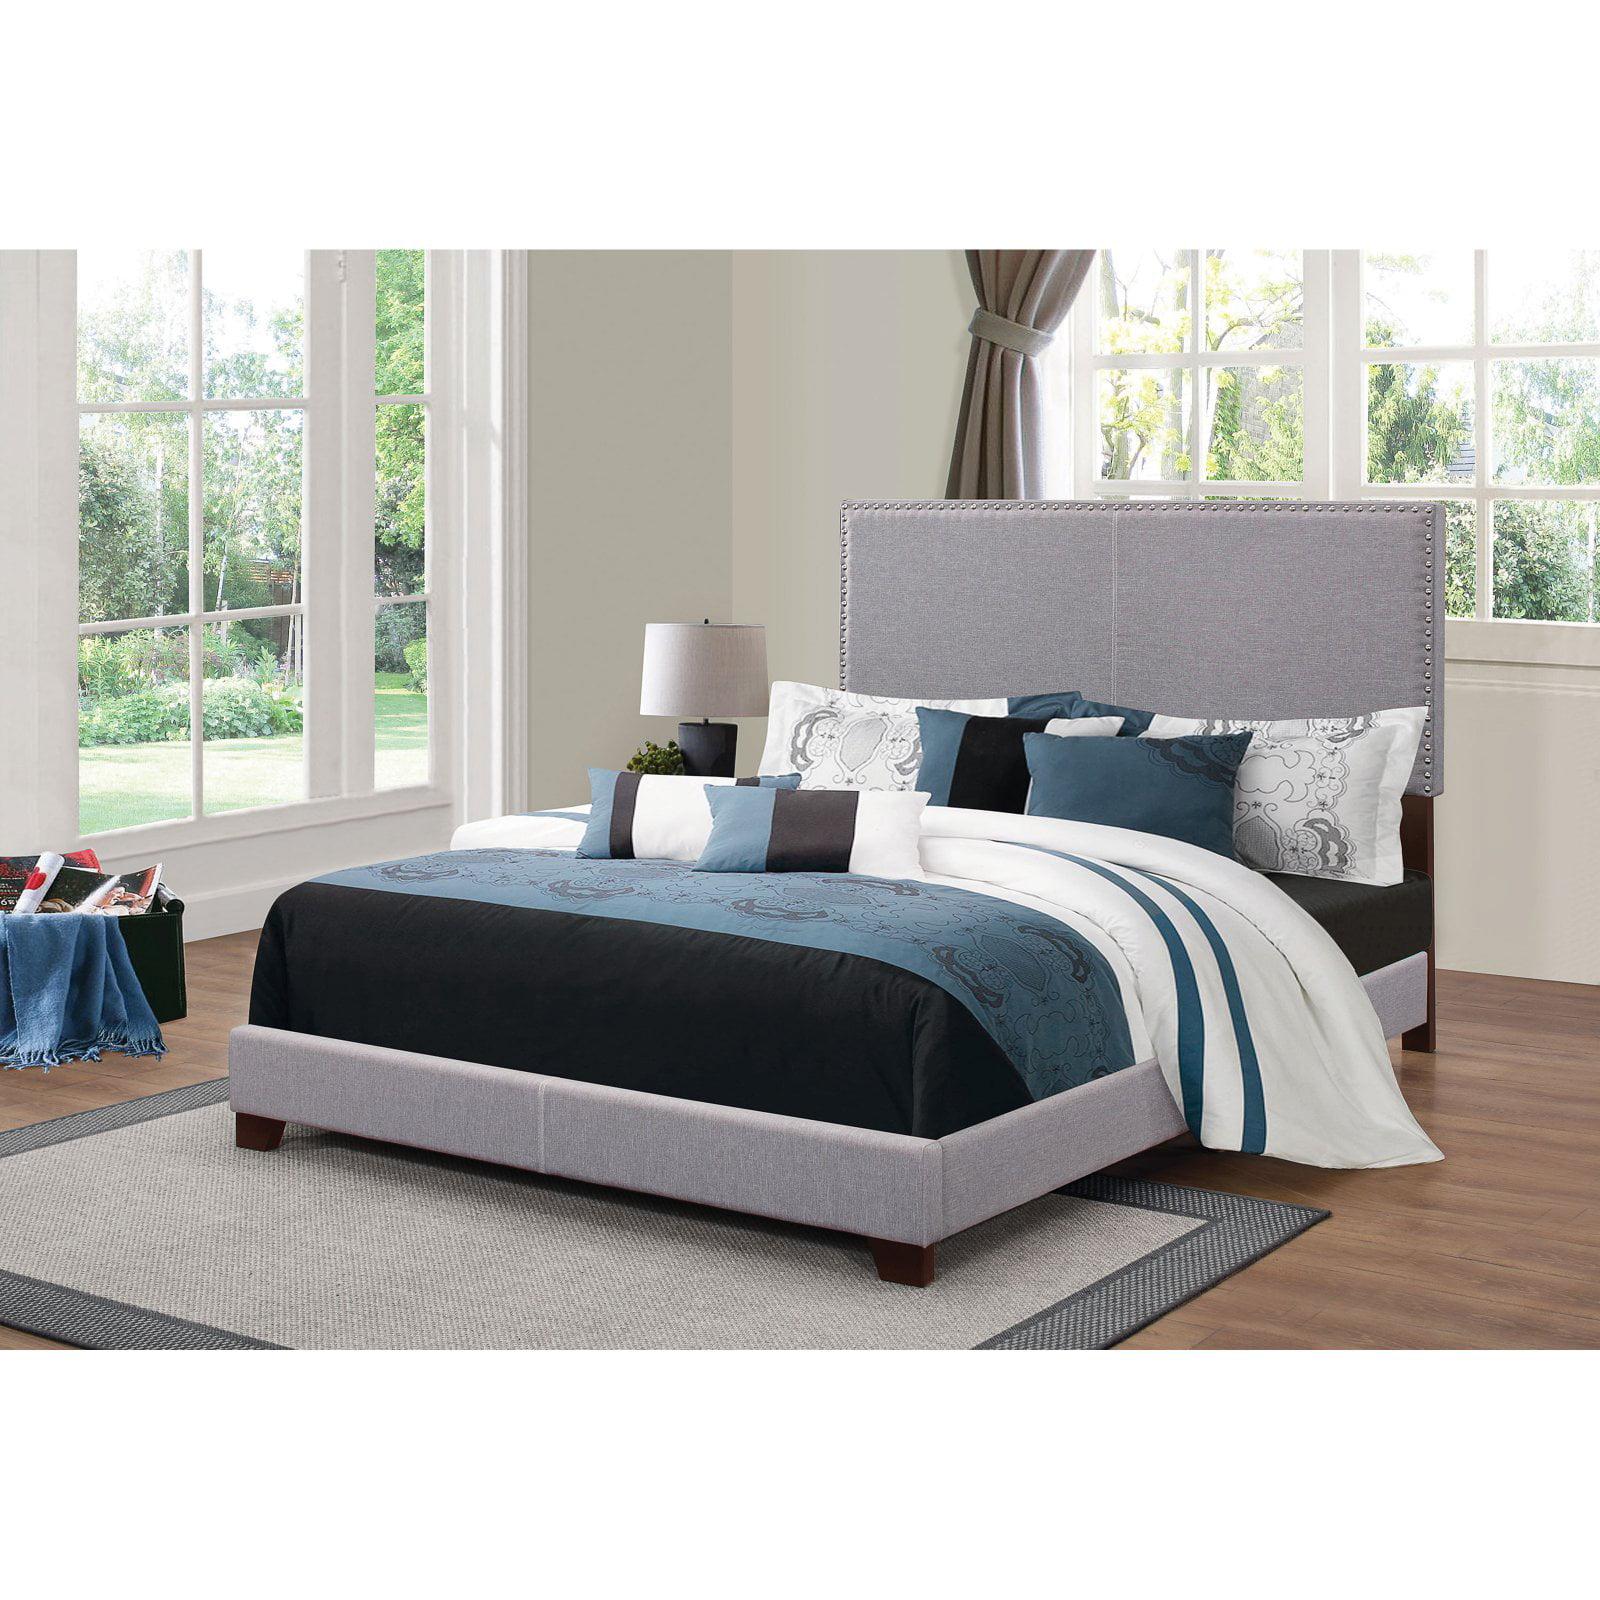 Coaster Furniture Boyd Upholstered Bed